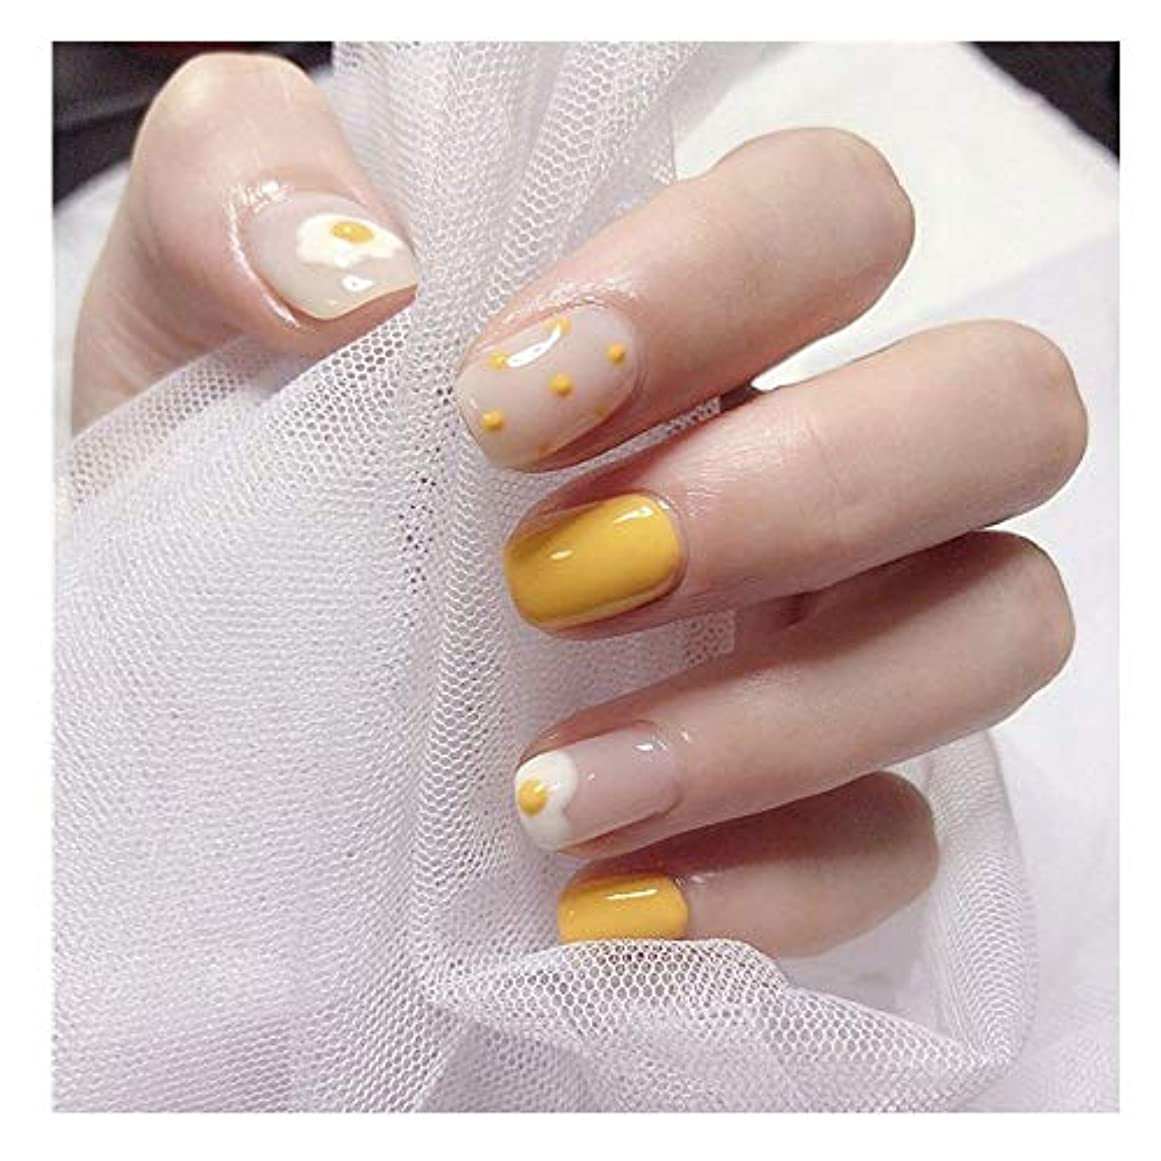 実行可能典型的な典型的なBOBIDYEE 黄色の卵偽の釘のショートスクエアネイルグルー完成ネイルアートフェイクネイルズ (色 : 24 pieces)